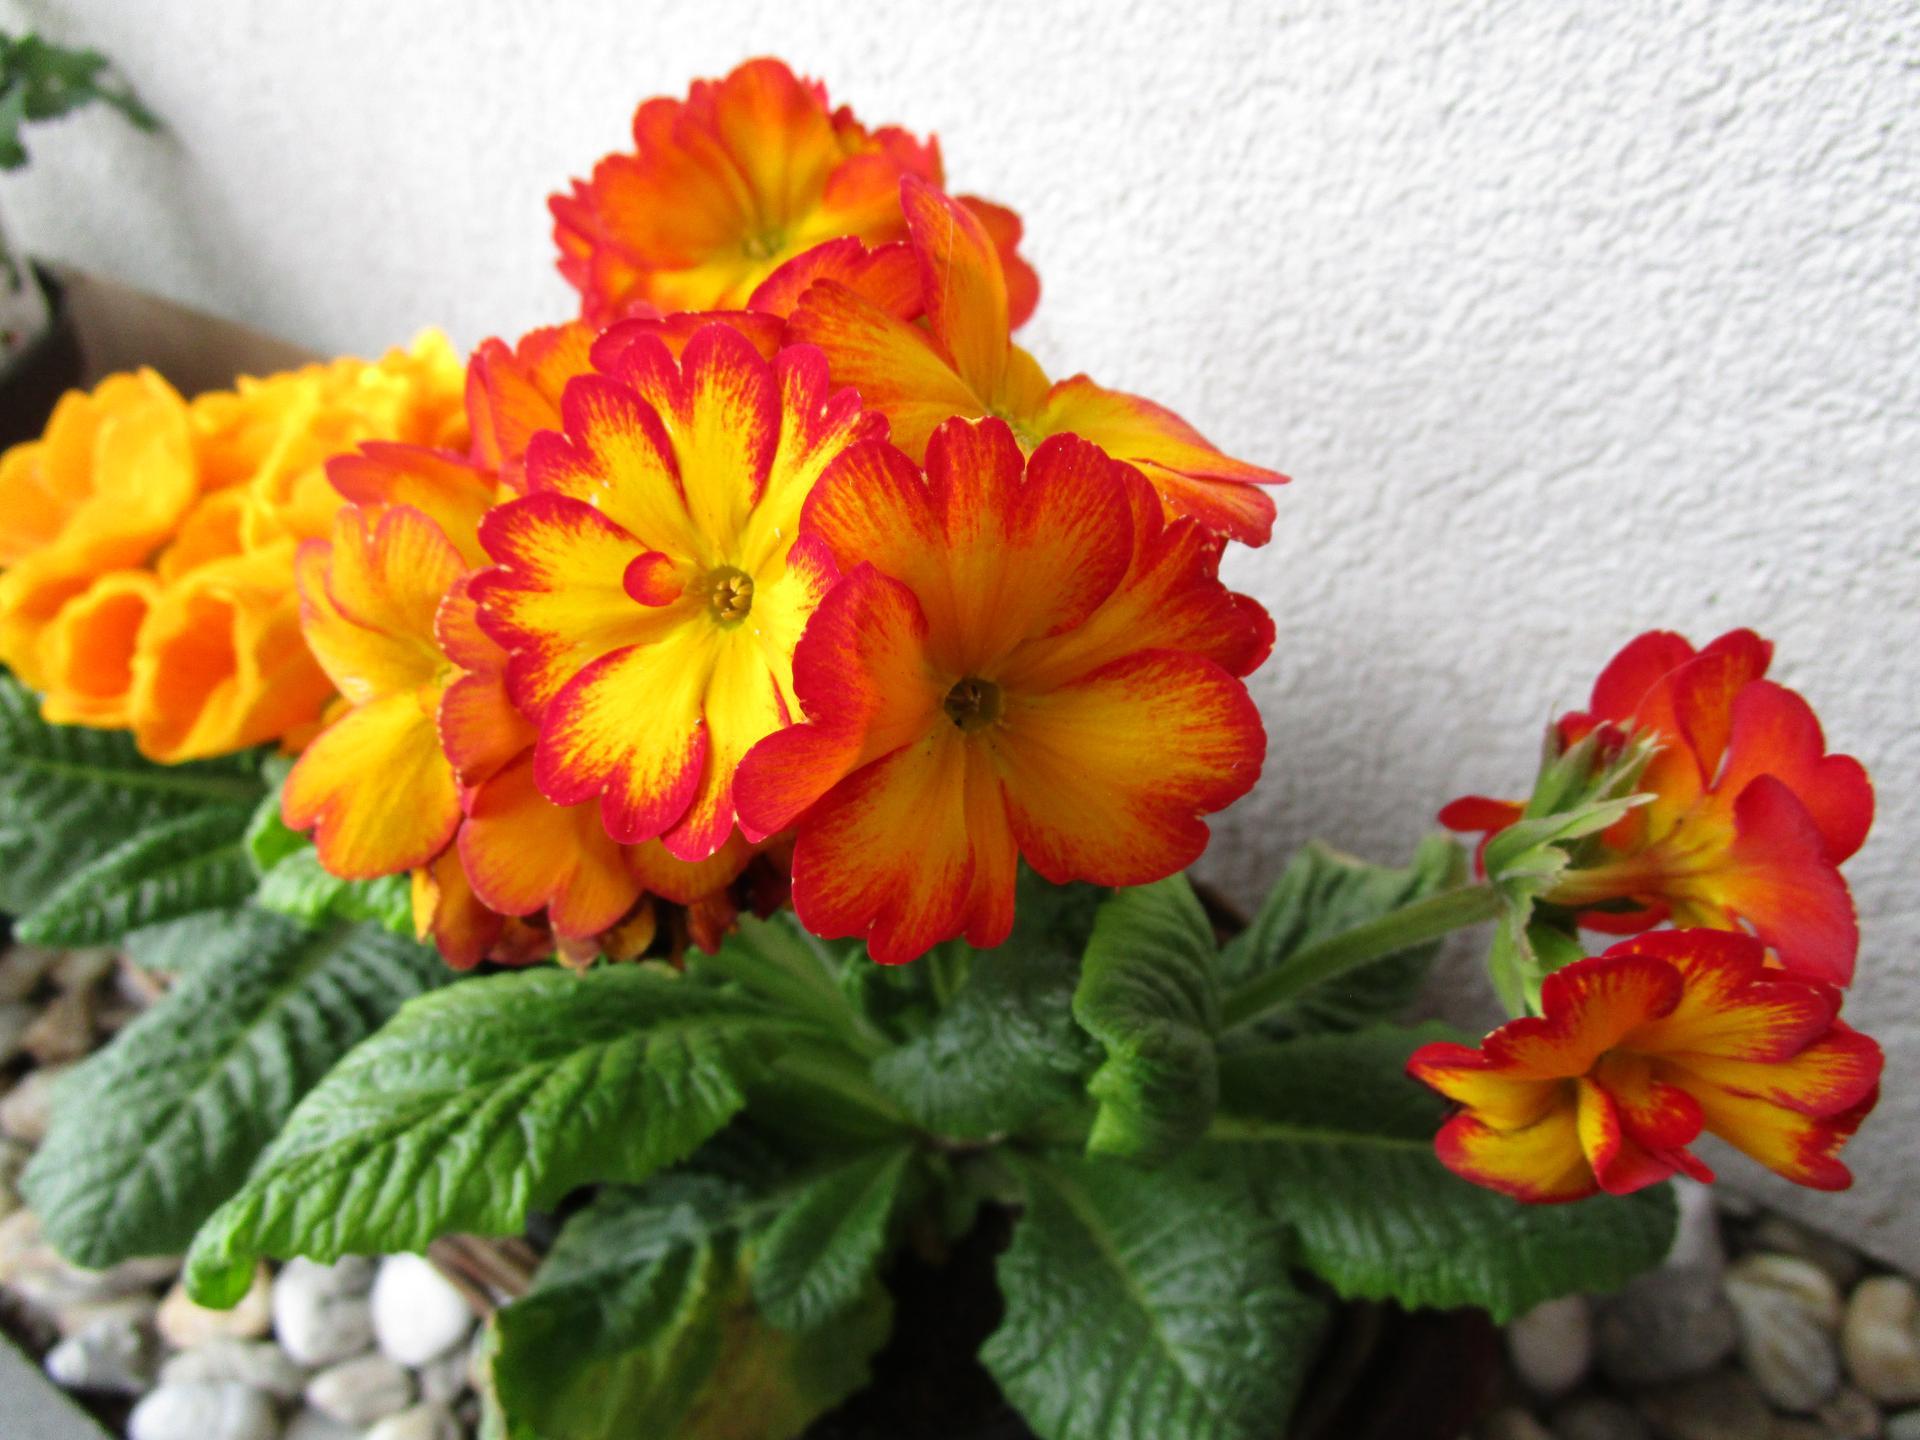 Vítáme jaro ... - Obrázek č. 3